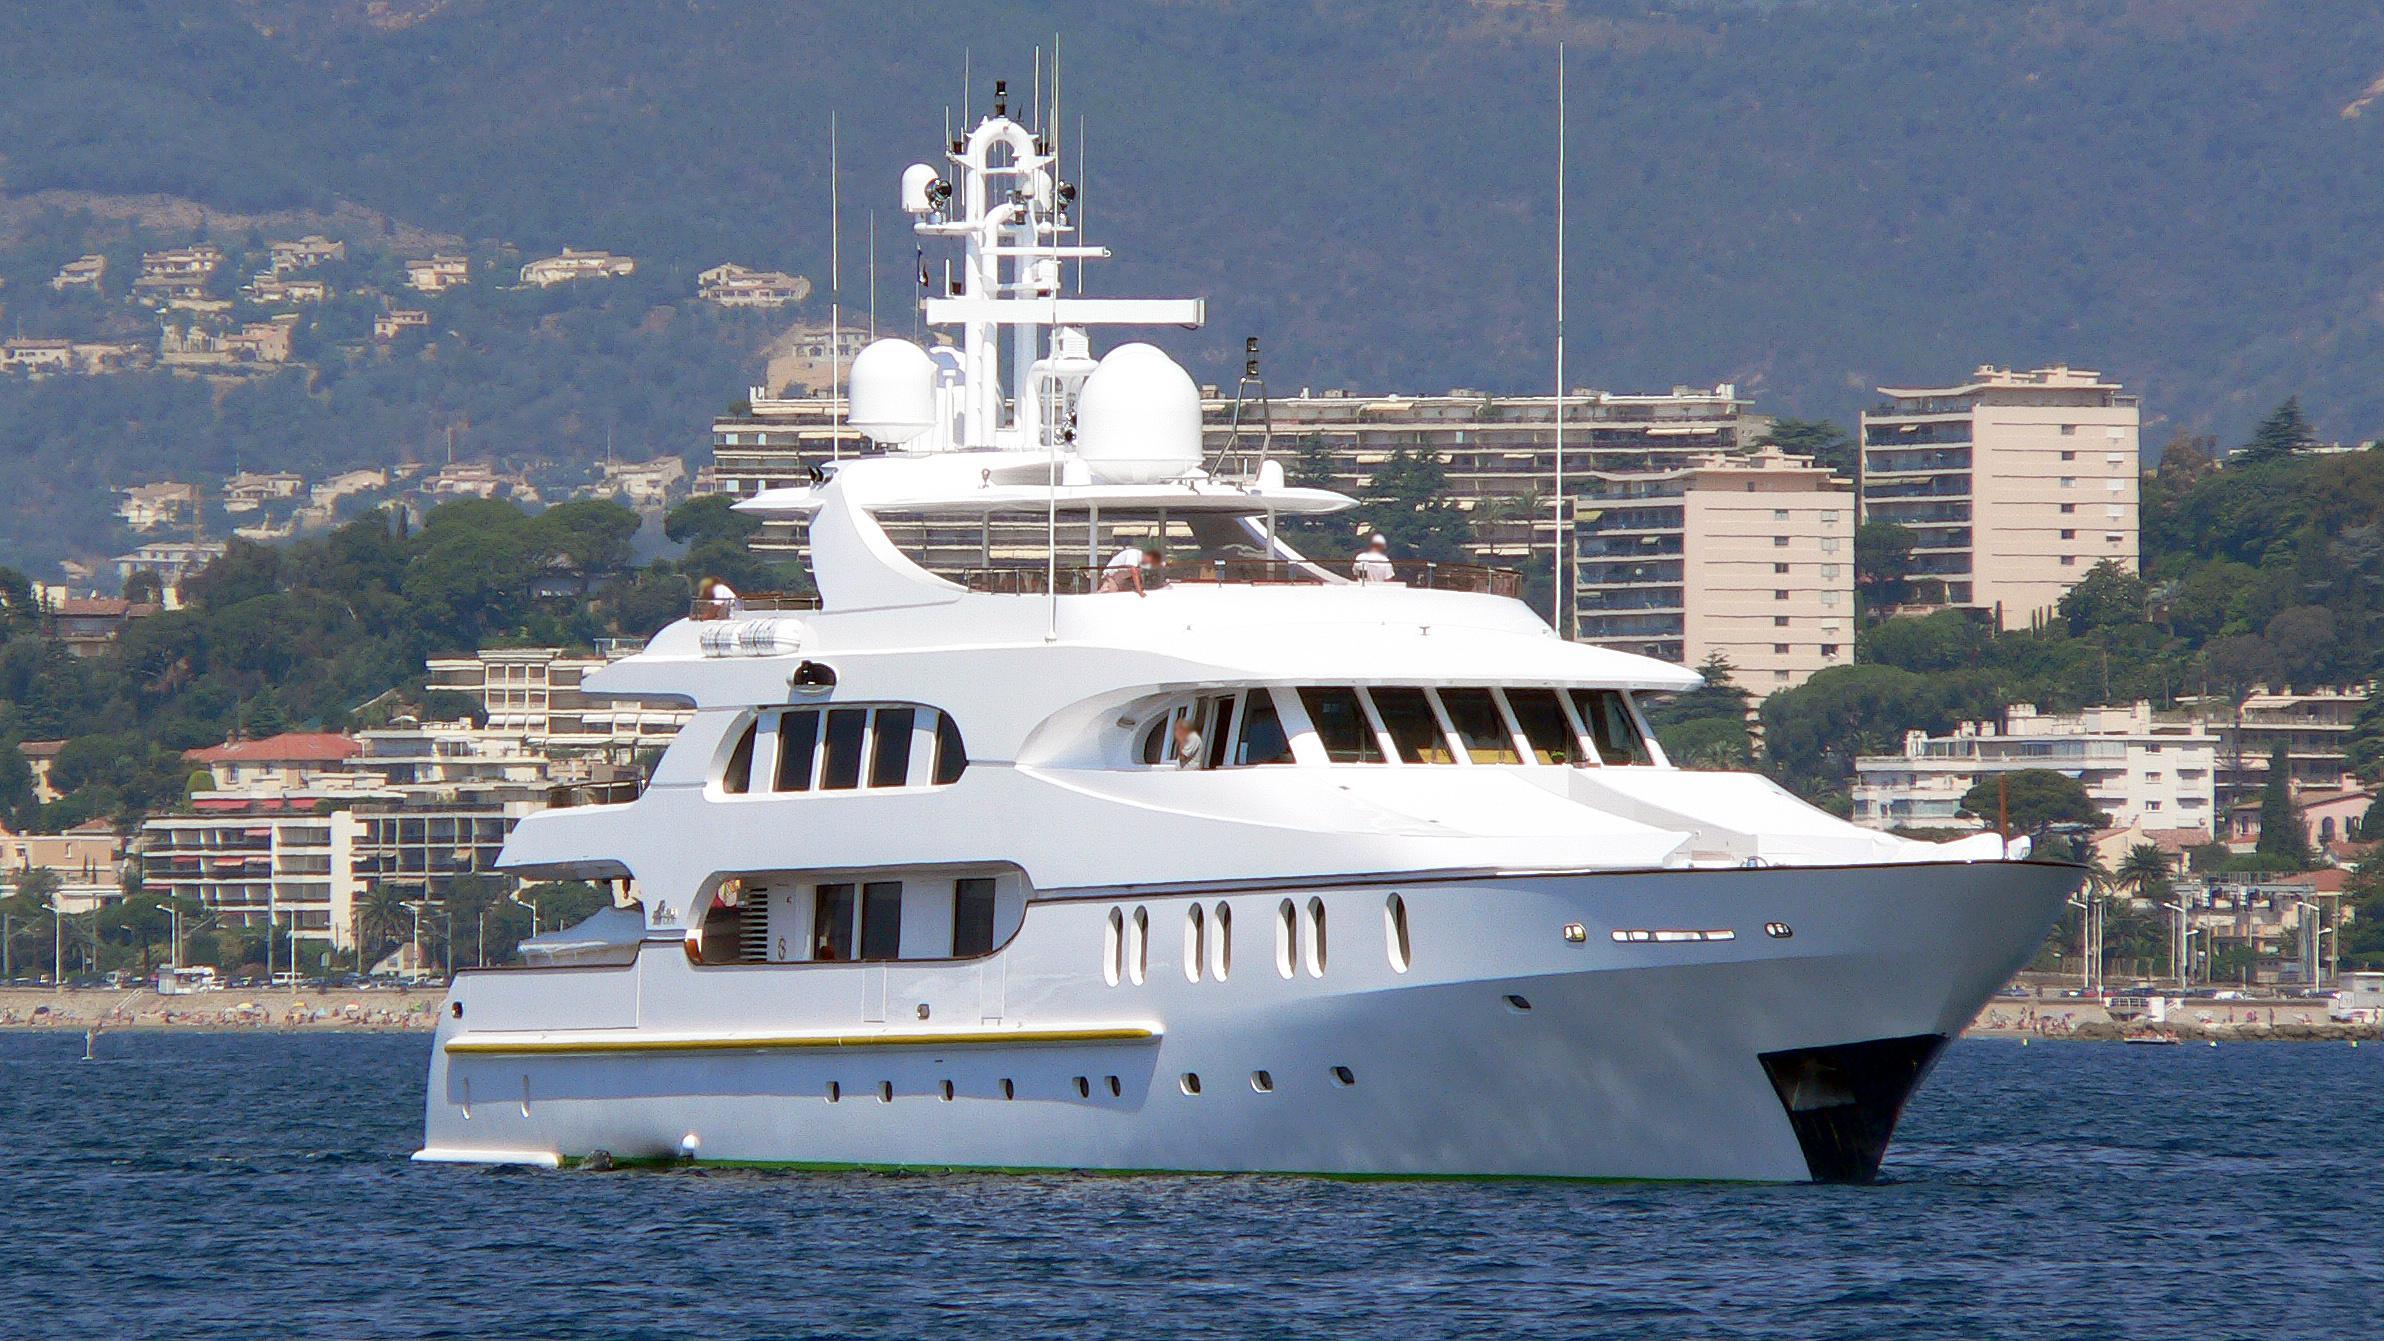 dr-no-no-motoryacht-crn-1998-50m-half-profile